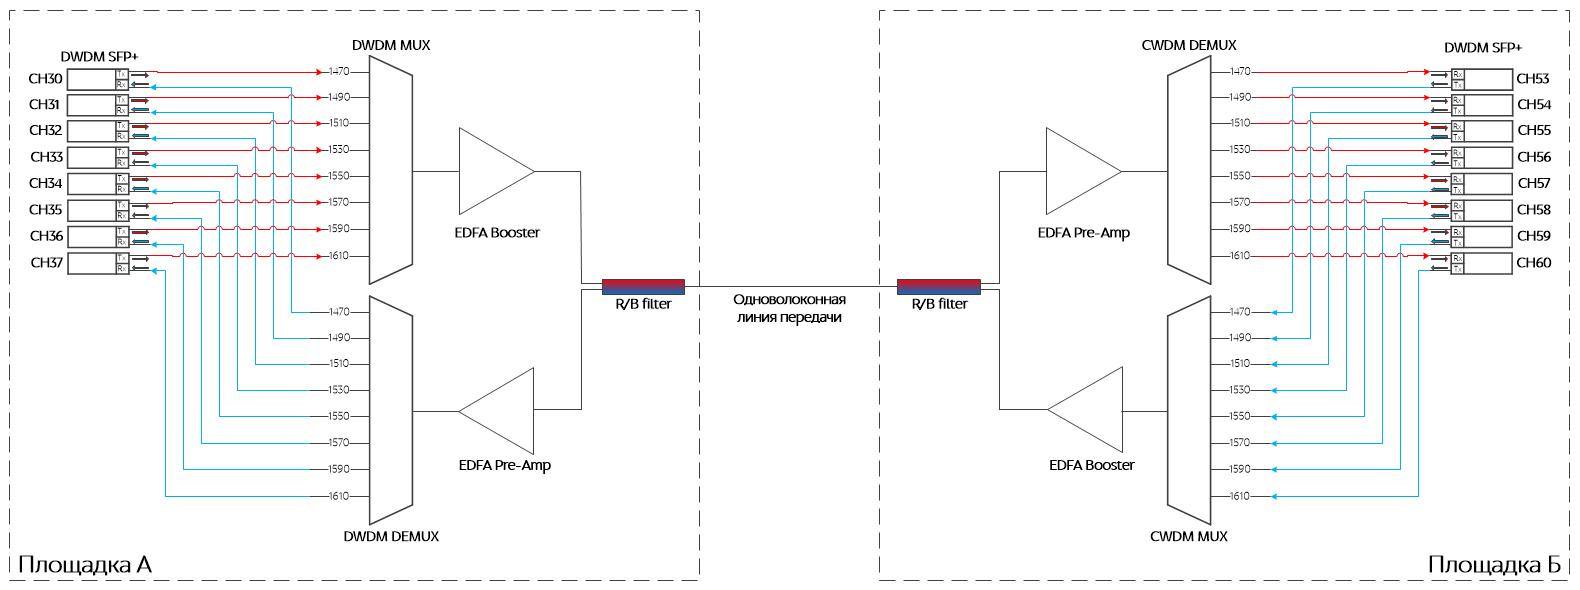 Схема DWDM системы с усилителями